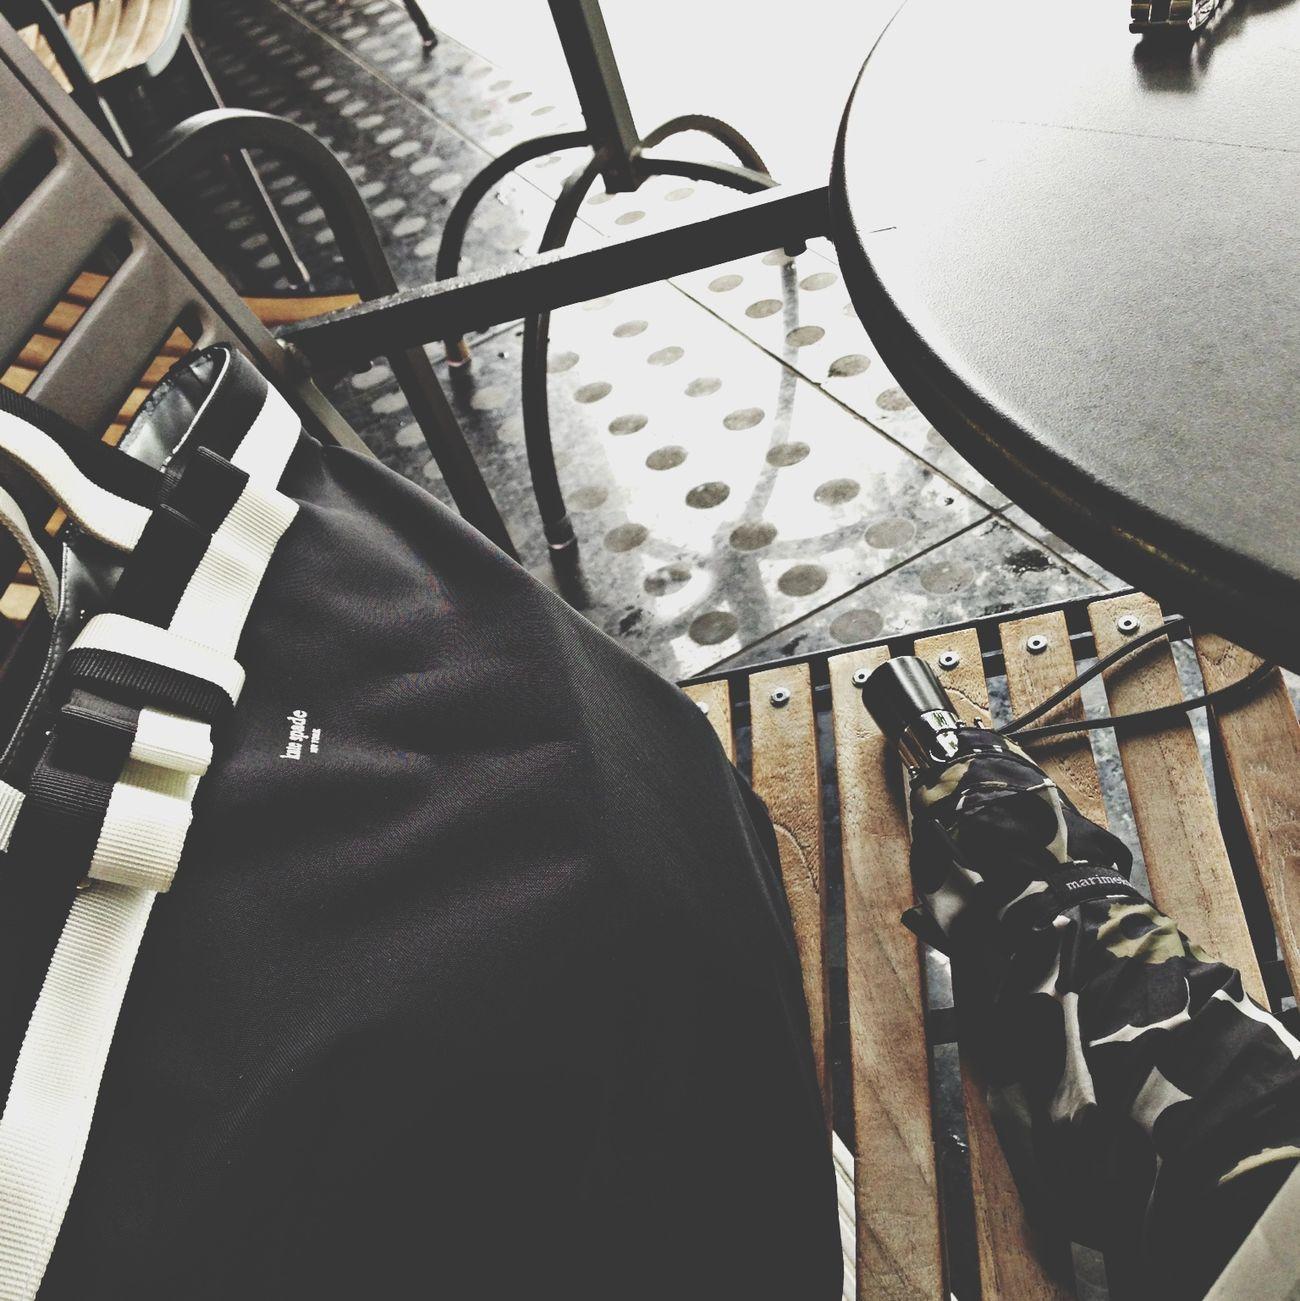 KateSpade Starbucks Hello World